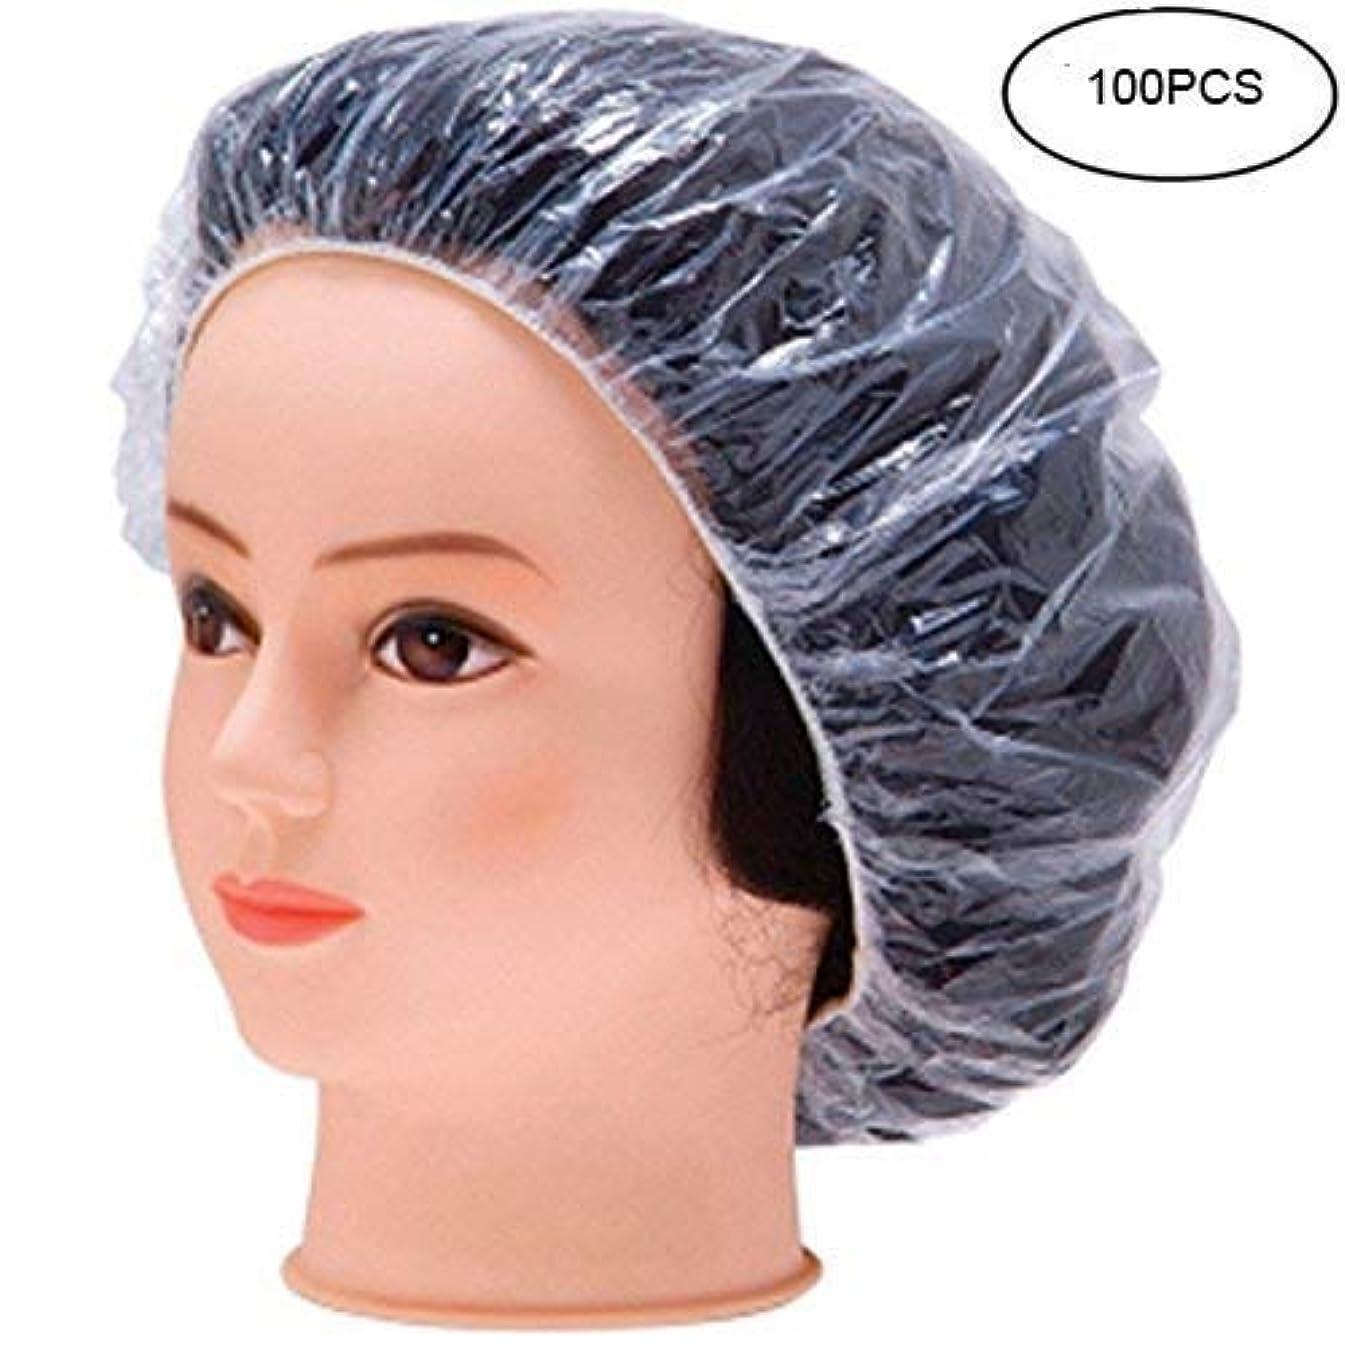 遺伝的選ぶ共役シャワーキャップ 使い捨てヘアキャップ ヘアキャップ Sopito 100枚入 ヘアカラー 毛染め用 トリートメント用 お風呂用 調理用ヘアキャップ 来客用キャップ 業務用 作業用 透明 フリーサイズ 男女兼用 毛髪防止